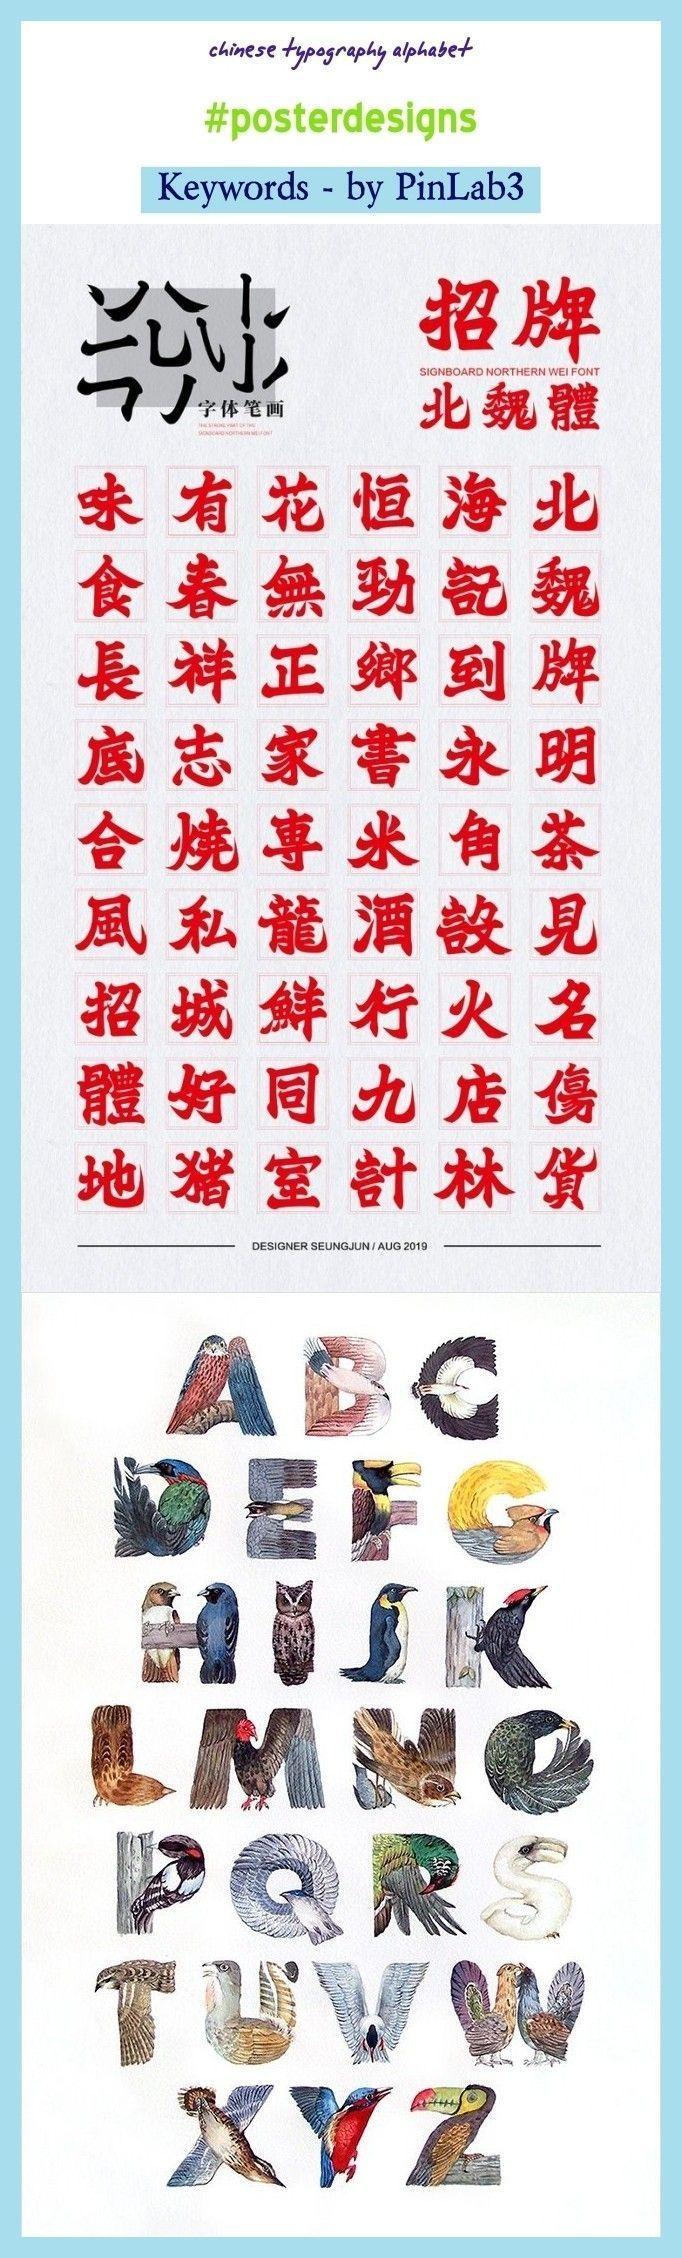 Chinese typography alphabet #chinese #typography #alphabet chinesisches Typografie-Alphabet   alphabet de la typographie chinoise   alfabeto de tipografía china   chinese typography design, chinese typography poster, chinese typography logo, chinese typography fonts, chinese typography calligraphy, traditional chinese typography, chinese typography words, chinese typography taiwan, chinese typography hong kong, chinese typography illu #chinesetypography Chinese typography alphabet #chinese #typ